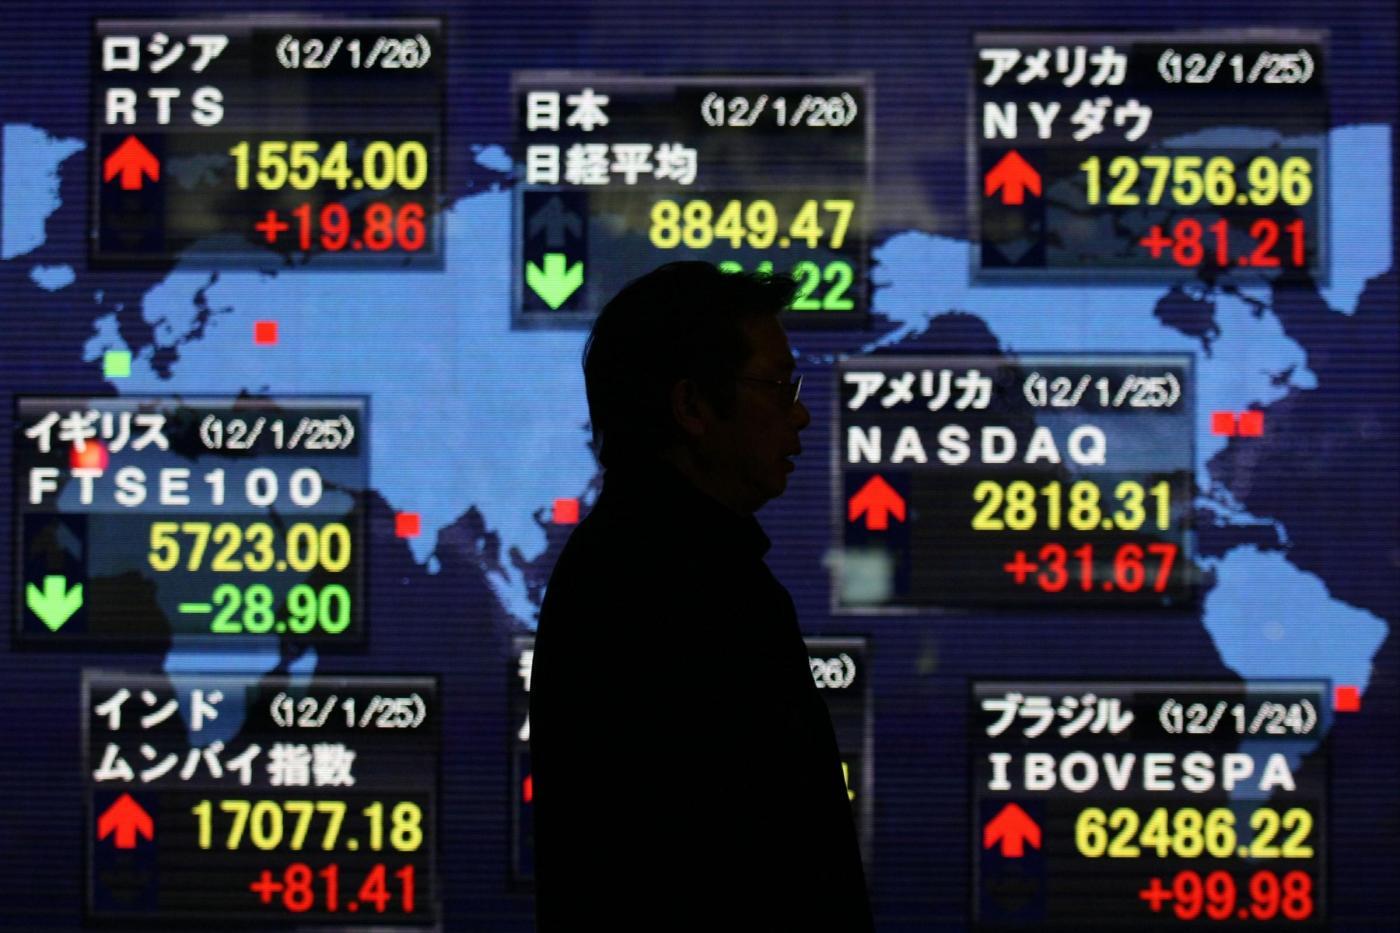 Borsa di Tokyo, perché è la prima notizia di economia del mattino?